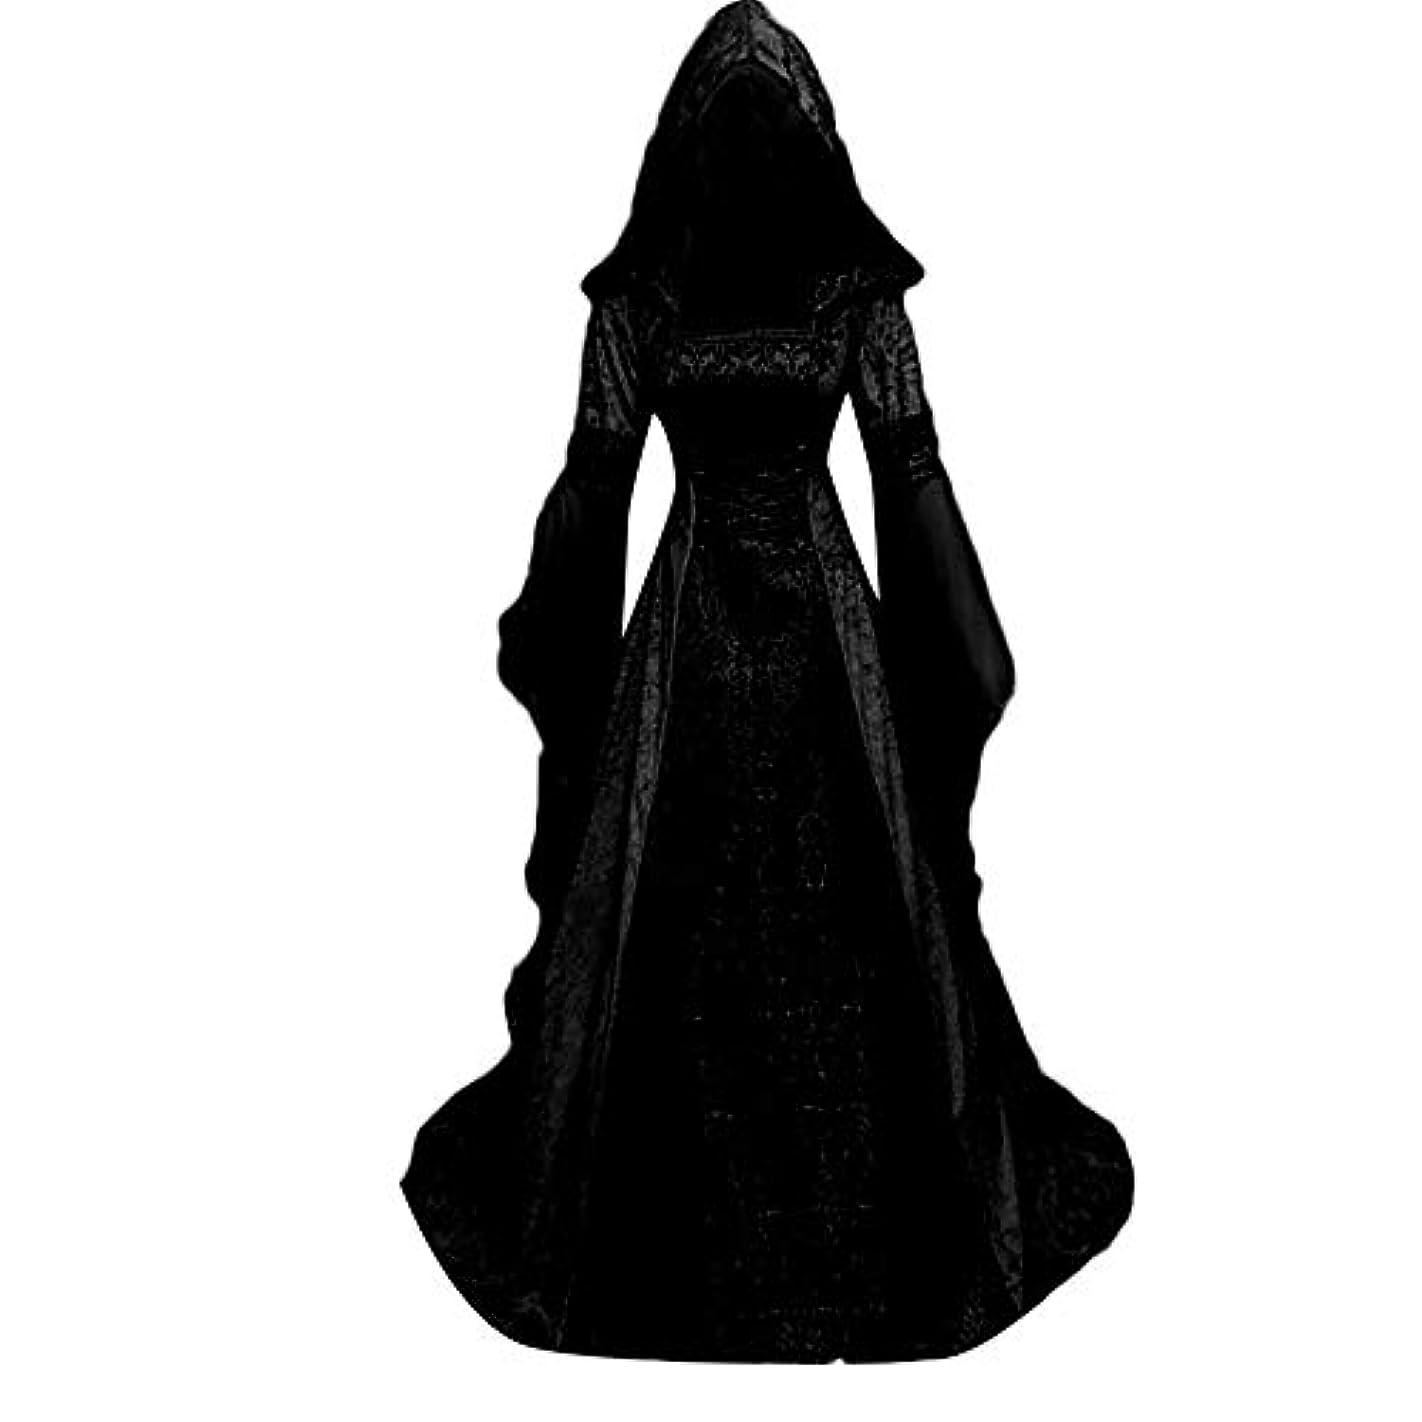 エミュレートする博物館椅子ワンピース お姫様 貴族風 きれいめ エレガントドレス Huliyun ドレス ステージ衣装 レディース 洋服 ヨーロッパ風 結婚式 パーティードレス 余興 コスプレ 魔女 ウェディングドレス